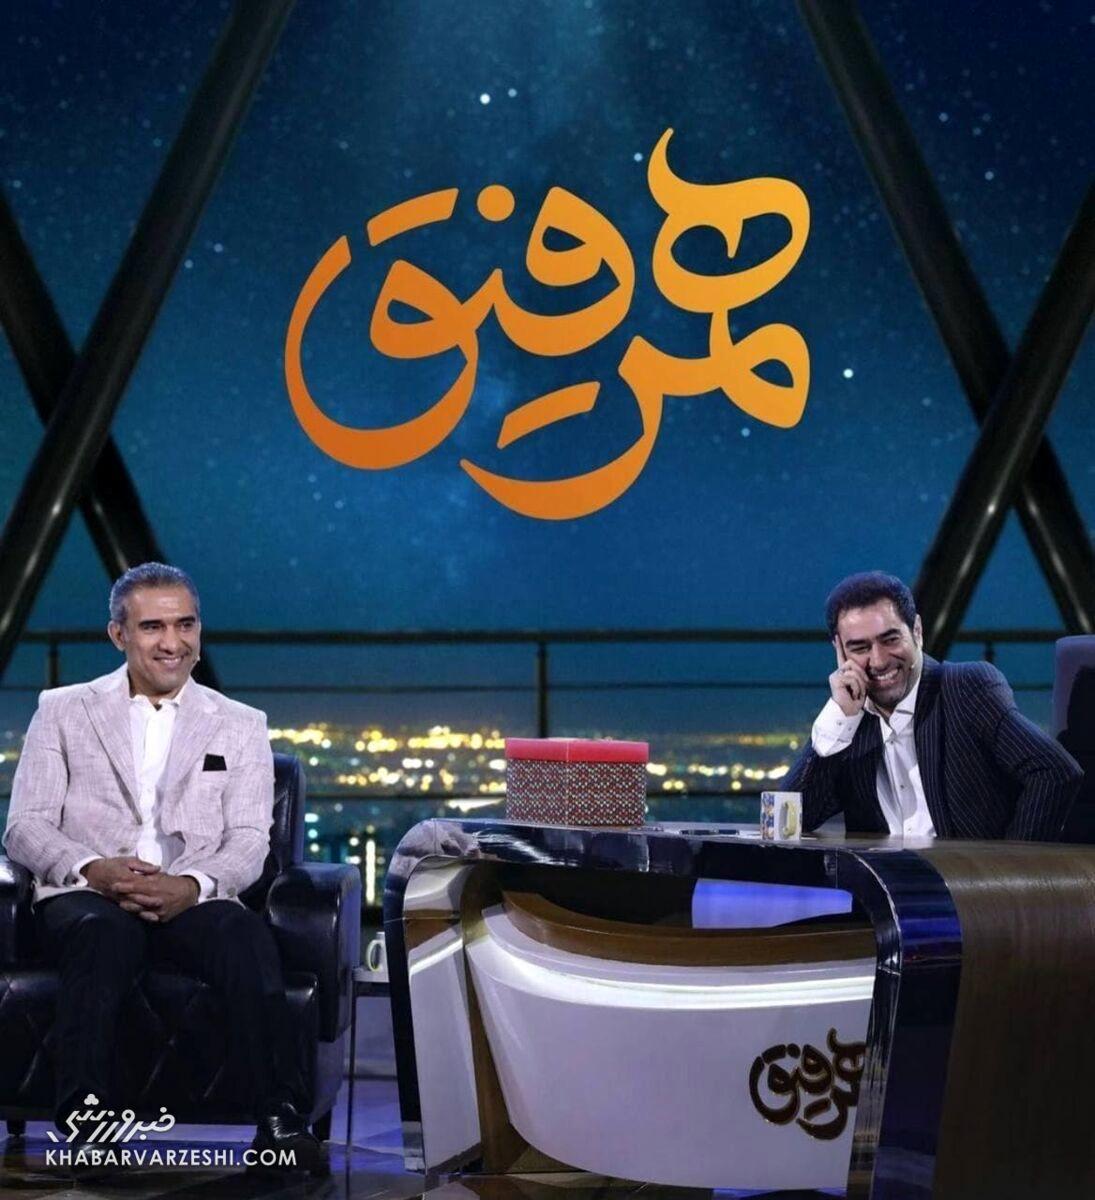 عکس| شهاب حسینی میهمان دارد؛ آن هم چه میهمانی...